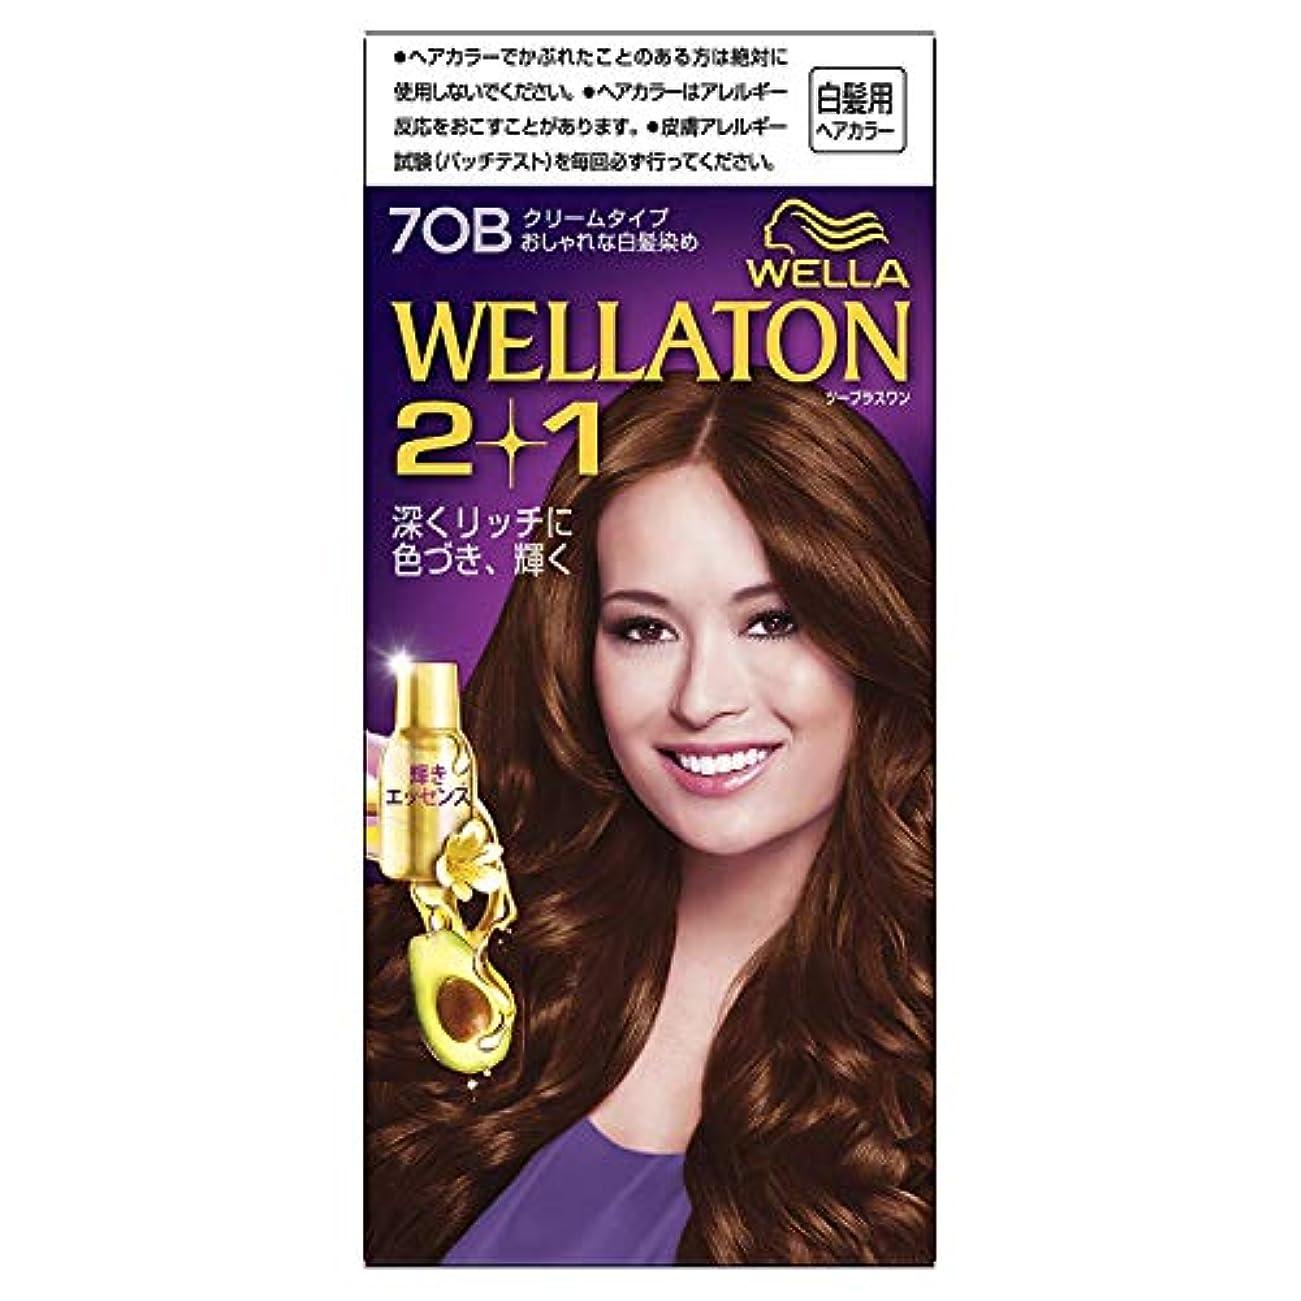 ストレスワーム別れるウエラトーン2+1 白髪染め クリームタイプ 7OB [医薬部外品] ×6個